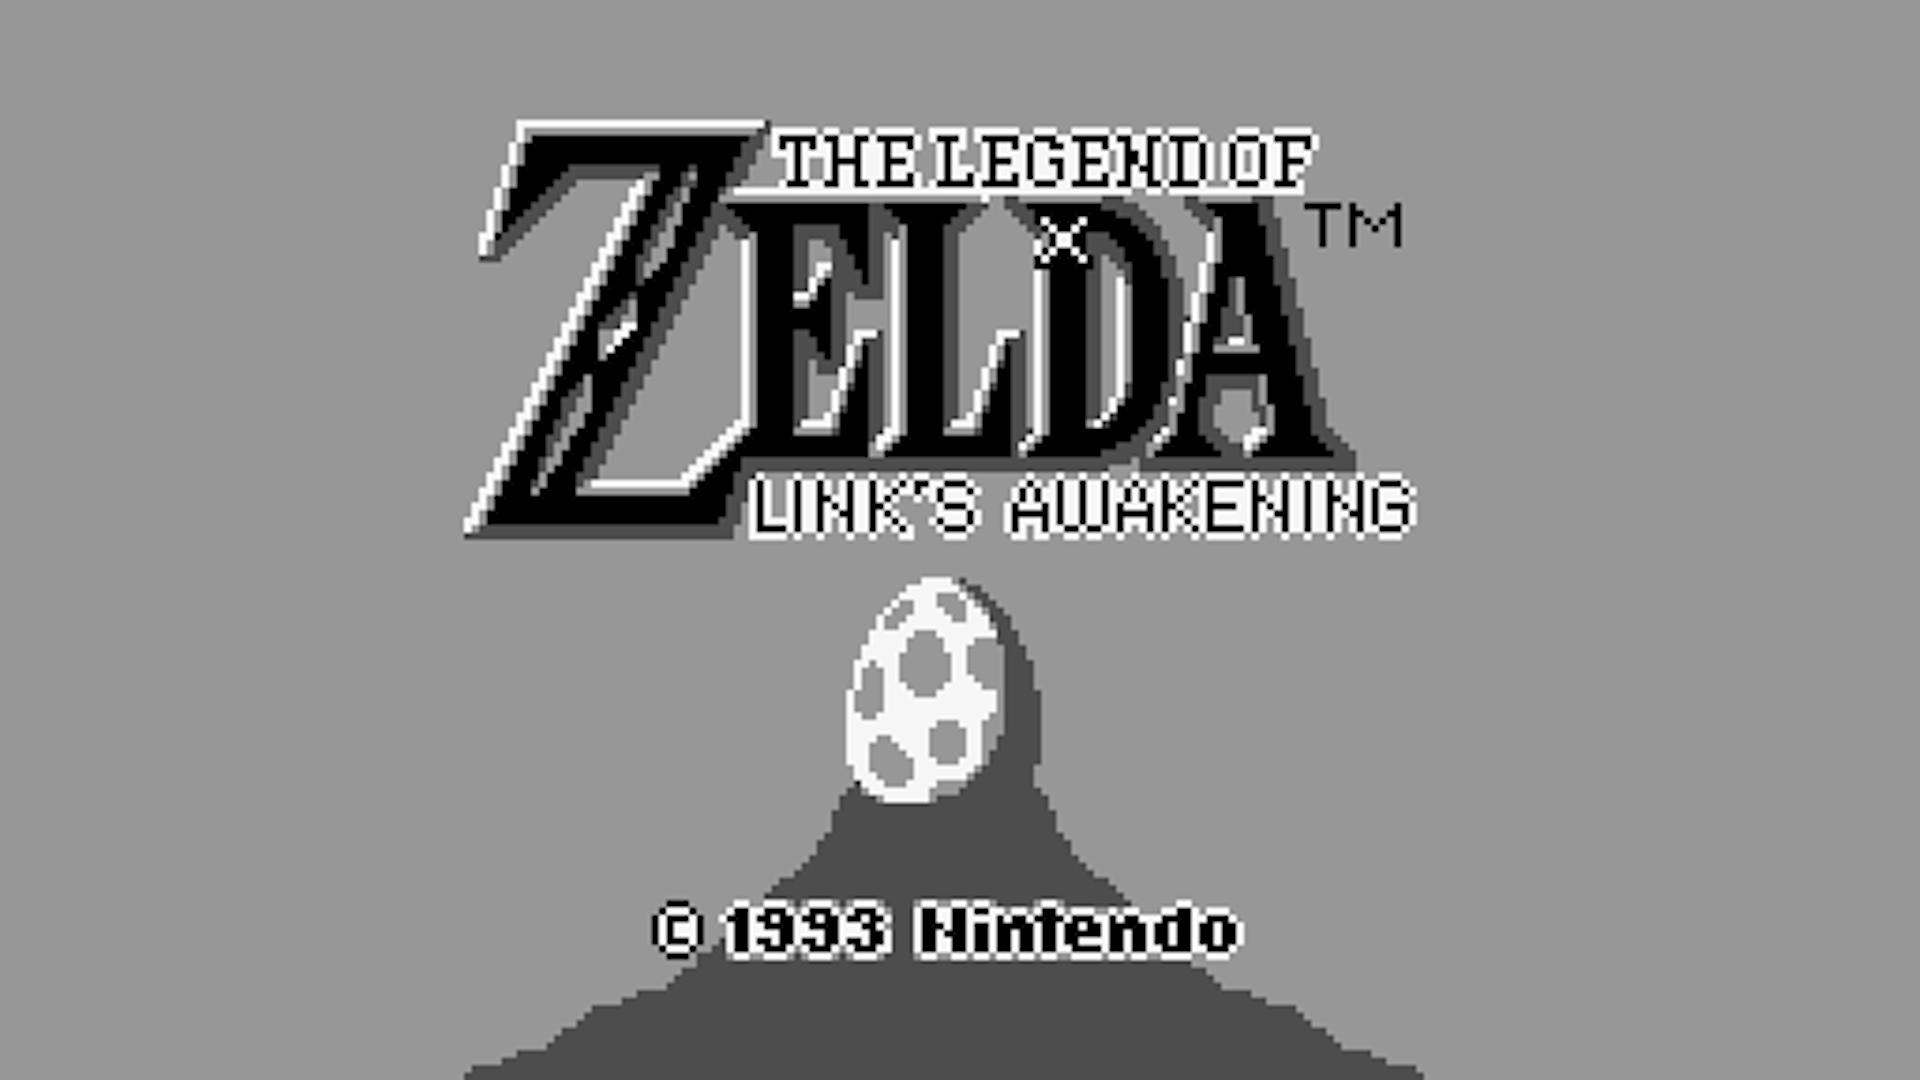 22 The Legend Of Zelda Links Awakening Hd Wallpapers Background